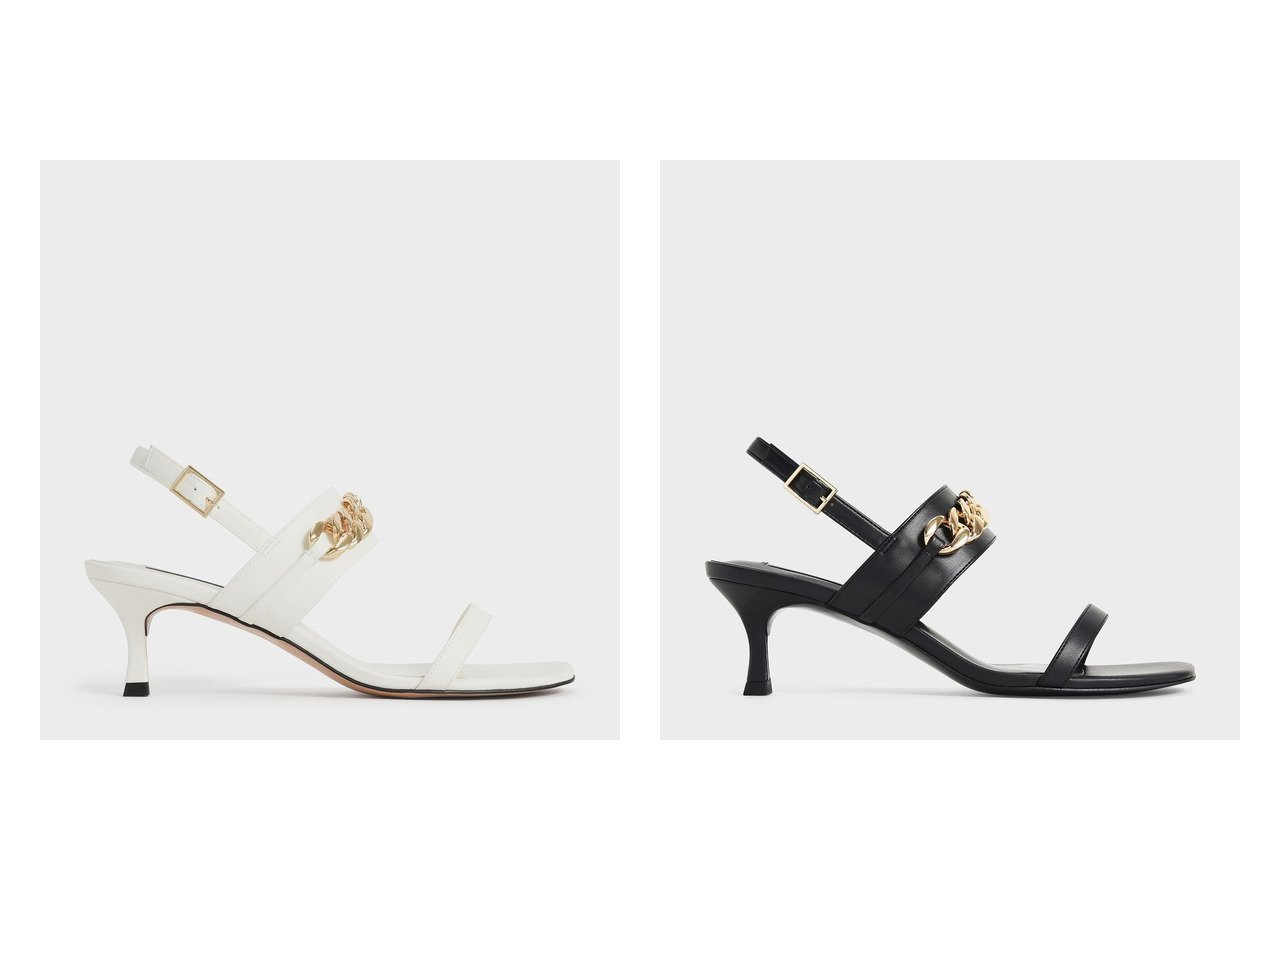 【CHARLES & KEITH/チャールズ アンド キース】のチェーンストラップ ヒールサンダル Chain Strap Heeled Sandals おすすめ!人気、トレンド・レディースファッションの通販 おすすめで人気の流行・トレンド、ファッションの通販商品 インテリア・家具・メンズファッション・キッズファッション・レディースファッション・服の通販 founy(ファニー) https://founy.com/ ファッション Fashion レディースファッション WOMEN 春 Spring サマー サンダル スマート チェーン ベーシック ミドル ラップ 2021年 2021 S/S・春夏 SS・Spring/Summer 2021春夏・S/S SS/Spring/Summer/2021 夏 Summer |ID:crp329100000060782